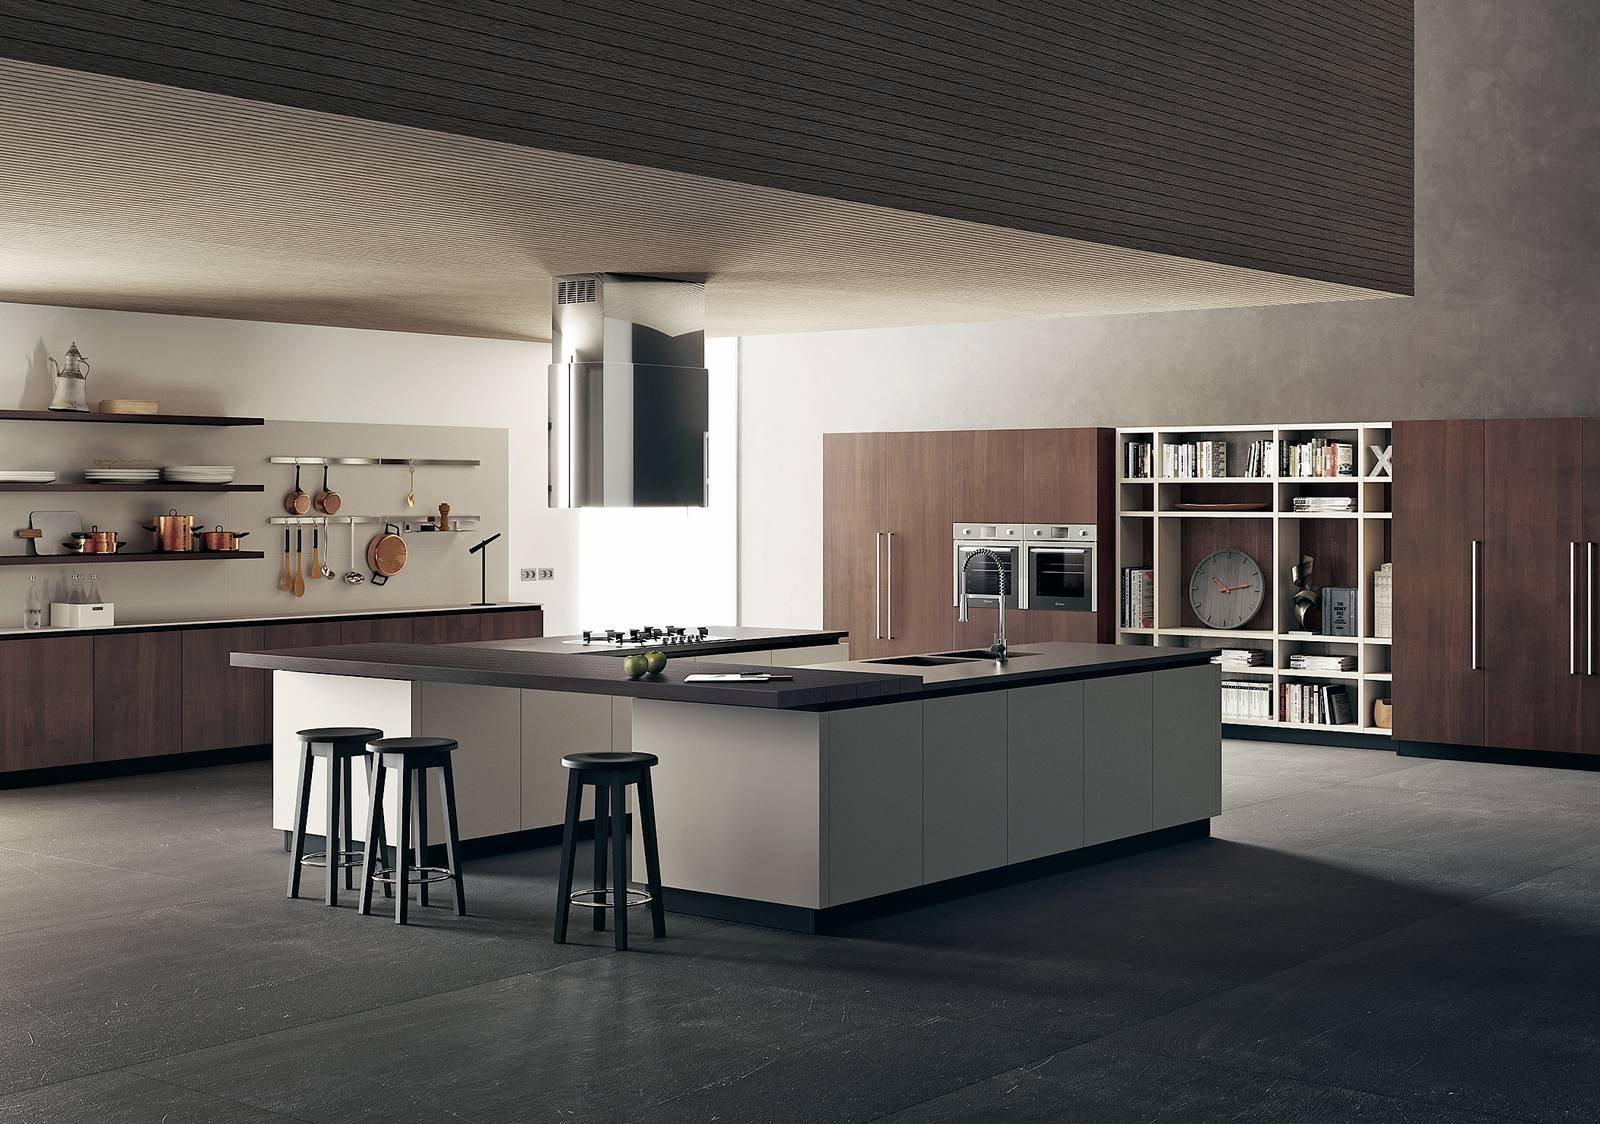 Top della cucina quale materiale scegliere per il piano - Alta cucine opinioni ...